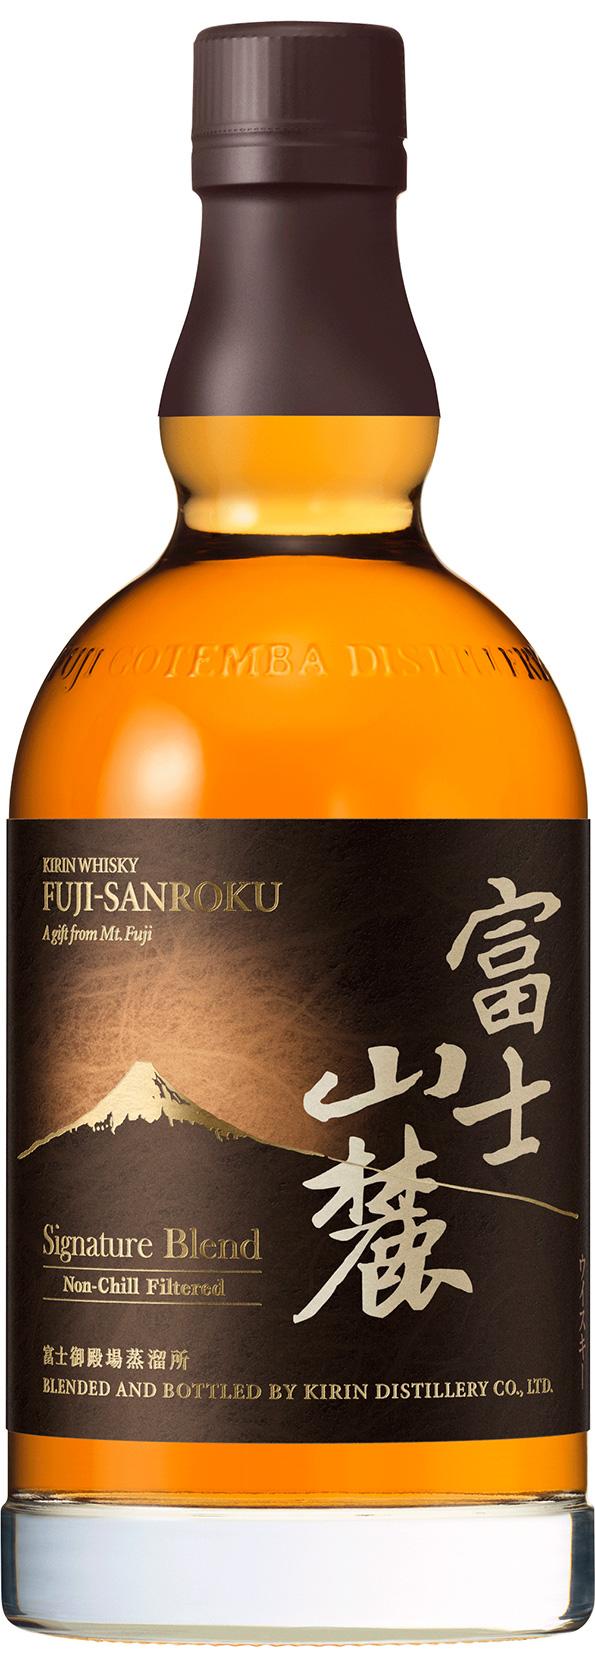 We're getting more Fuji Sanroku Signature Blend